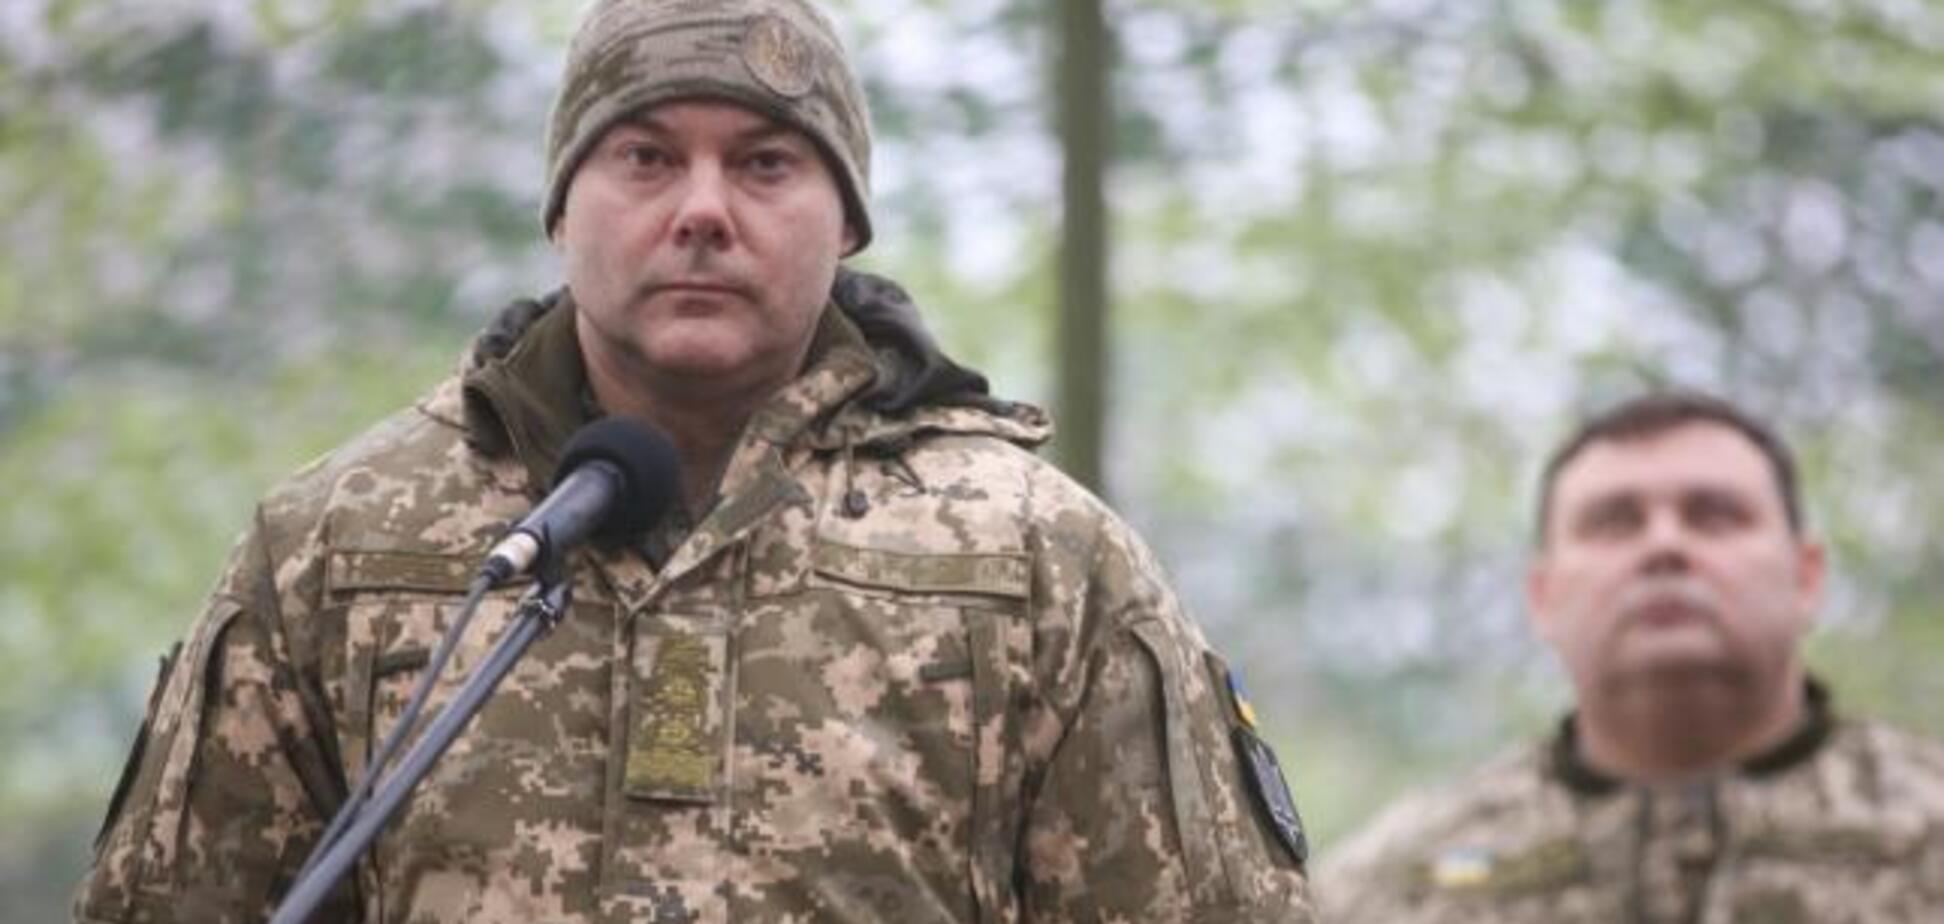 Начальник ООС розкрив план повернення Донбасу: як це буде